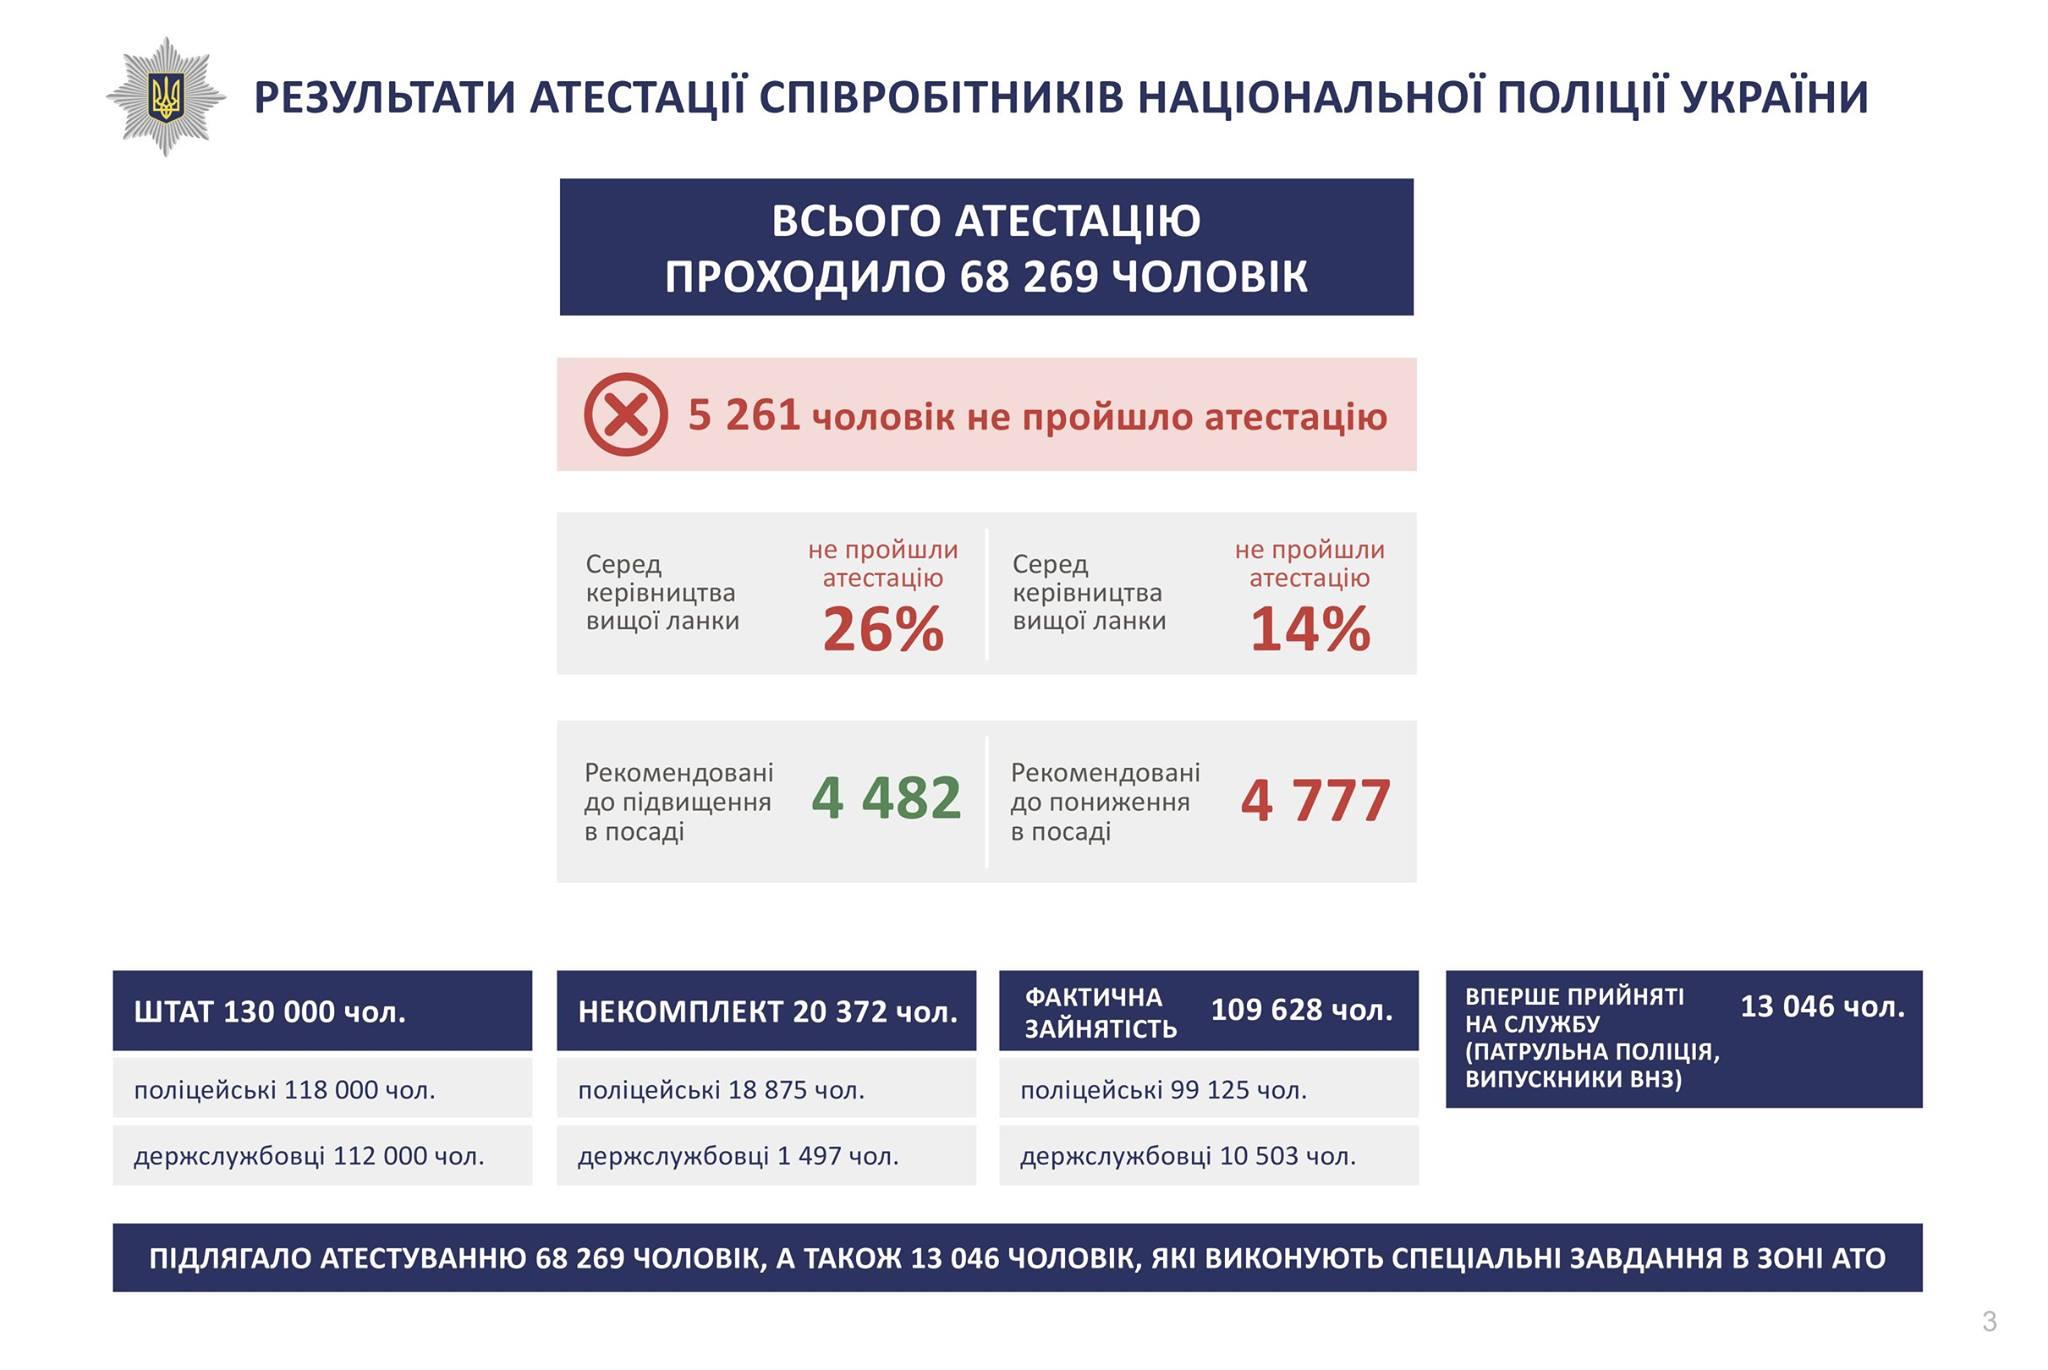 Аваков оприлюднив результати переатестації поліцейських (ІНФОГРАФІКА) - фото 1